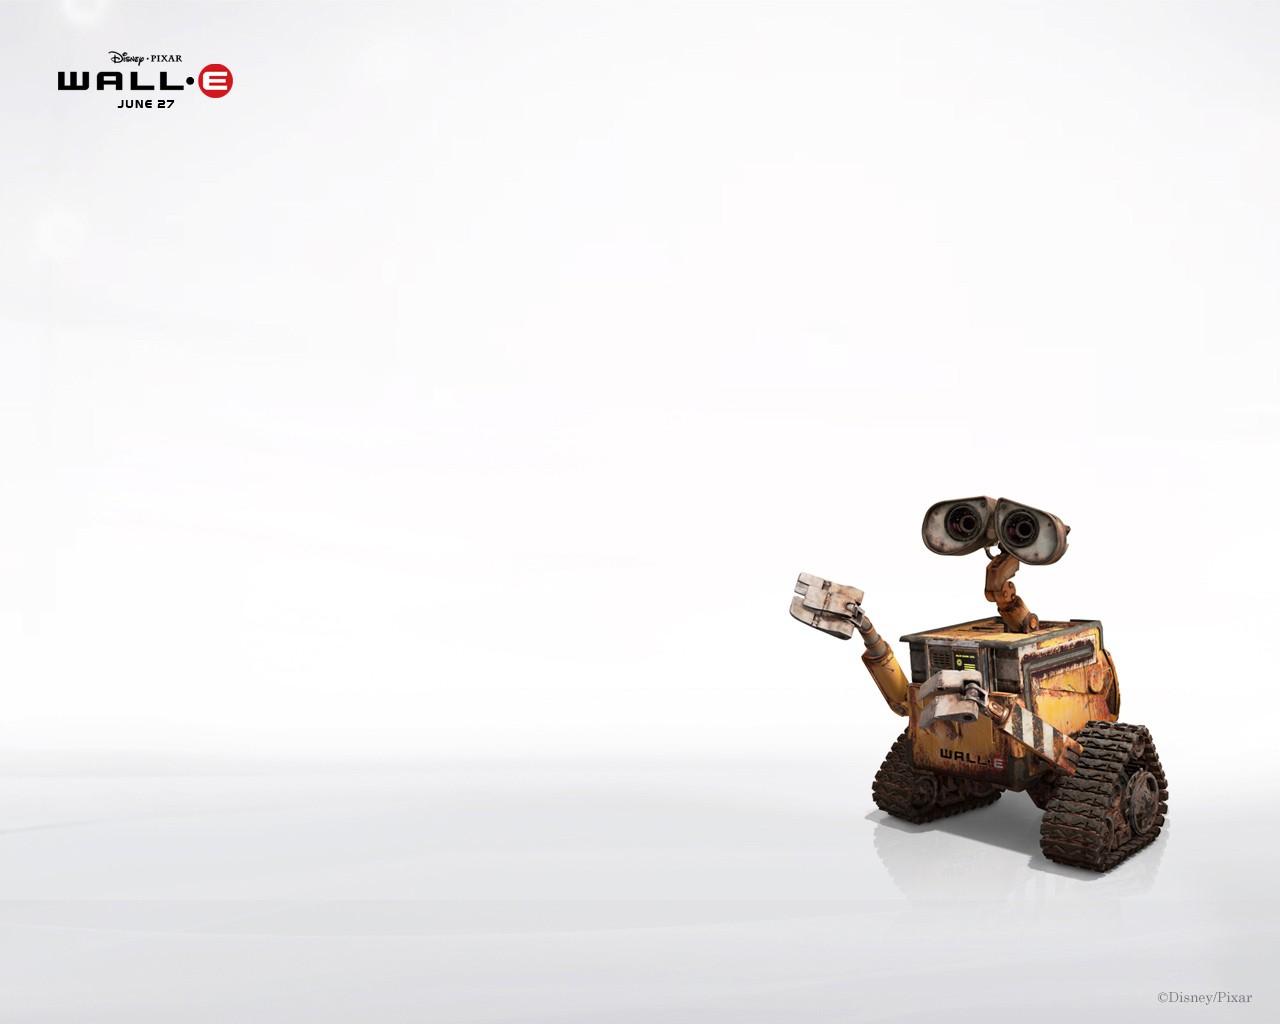 超可爱机器人!wall-e壁纸全欣赏 (6)--it--人民网